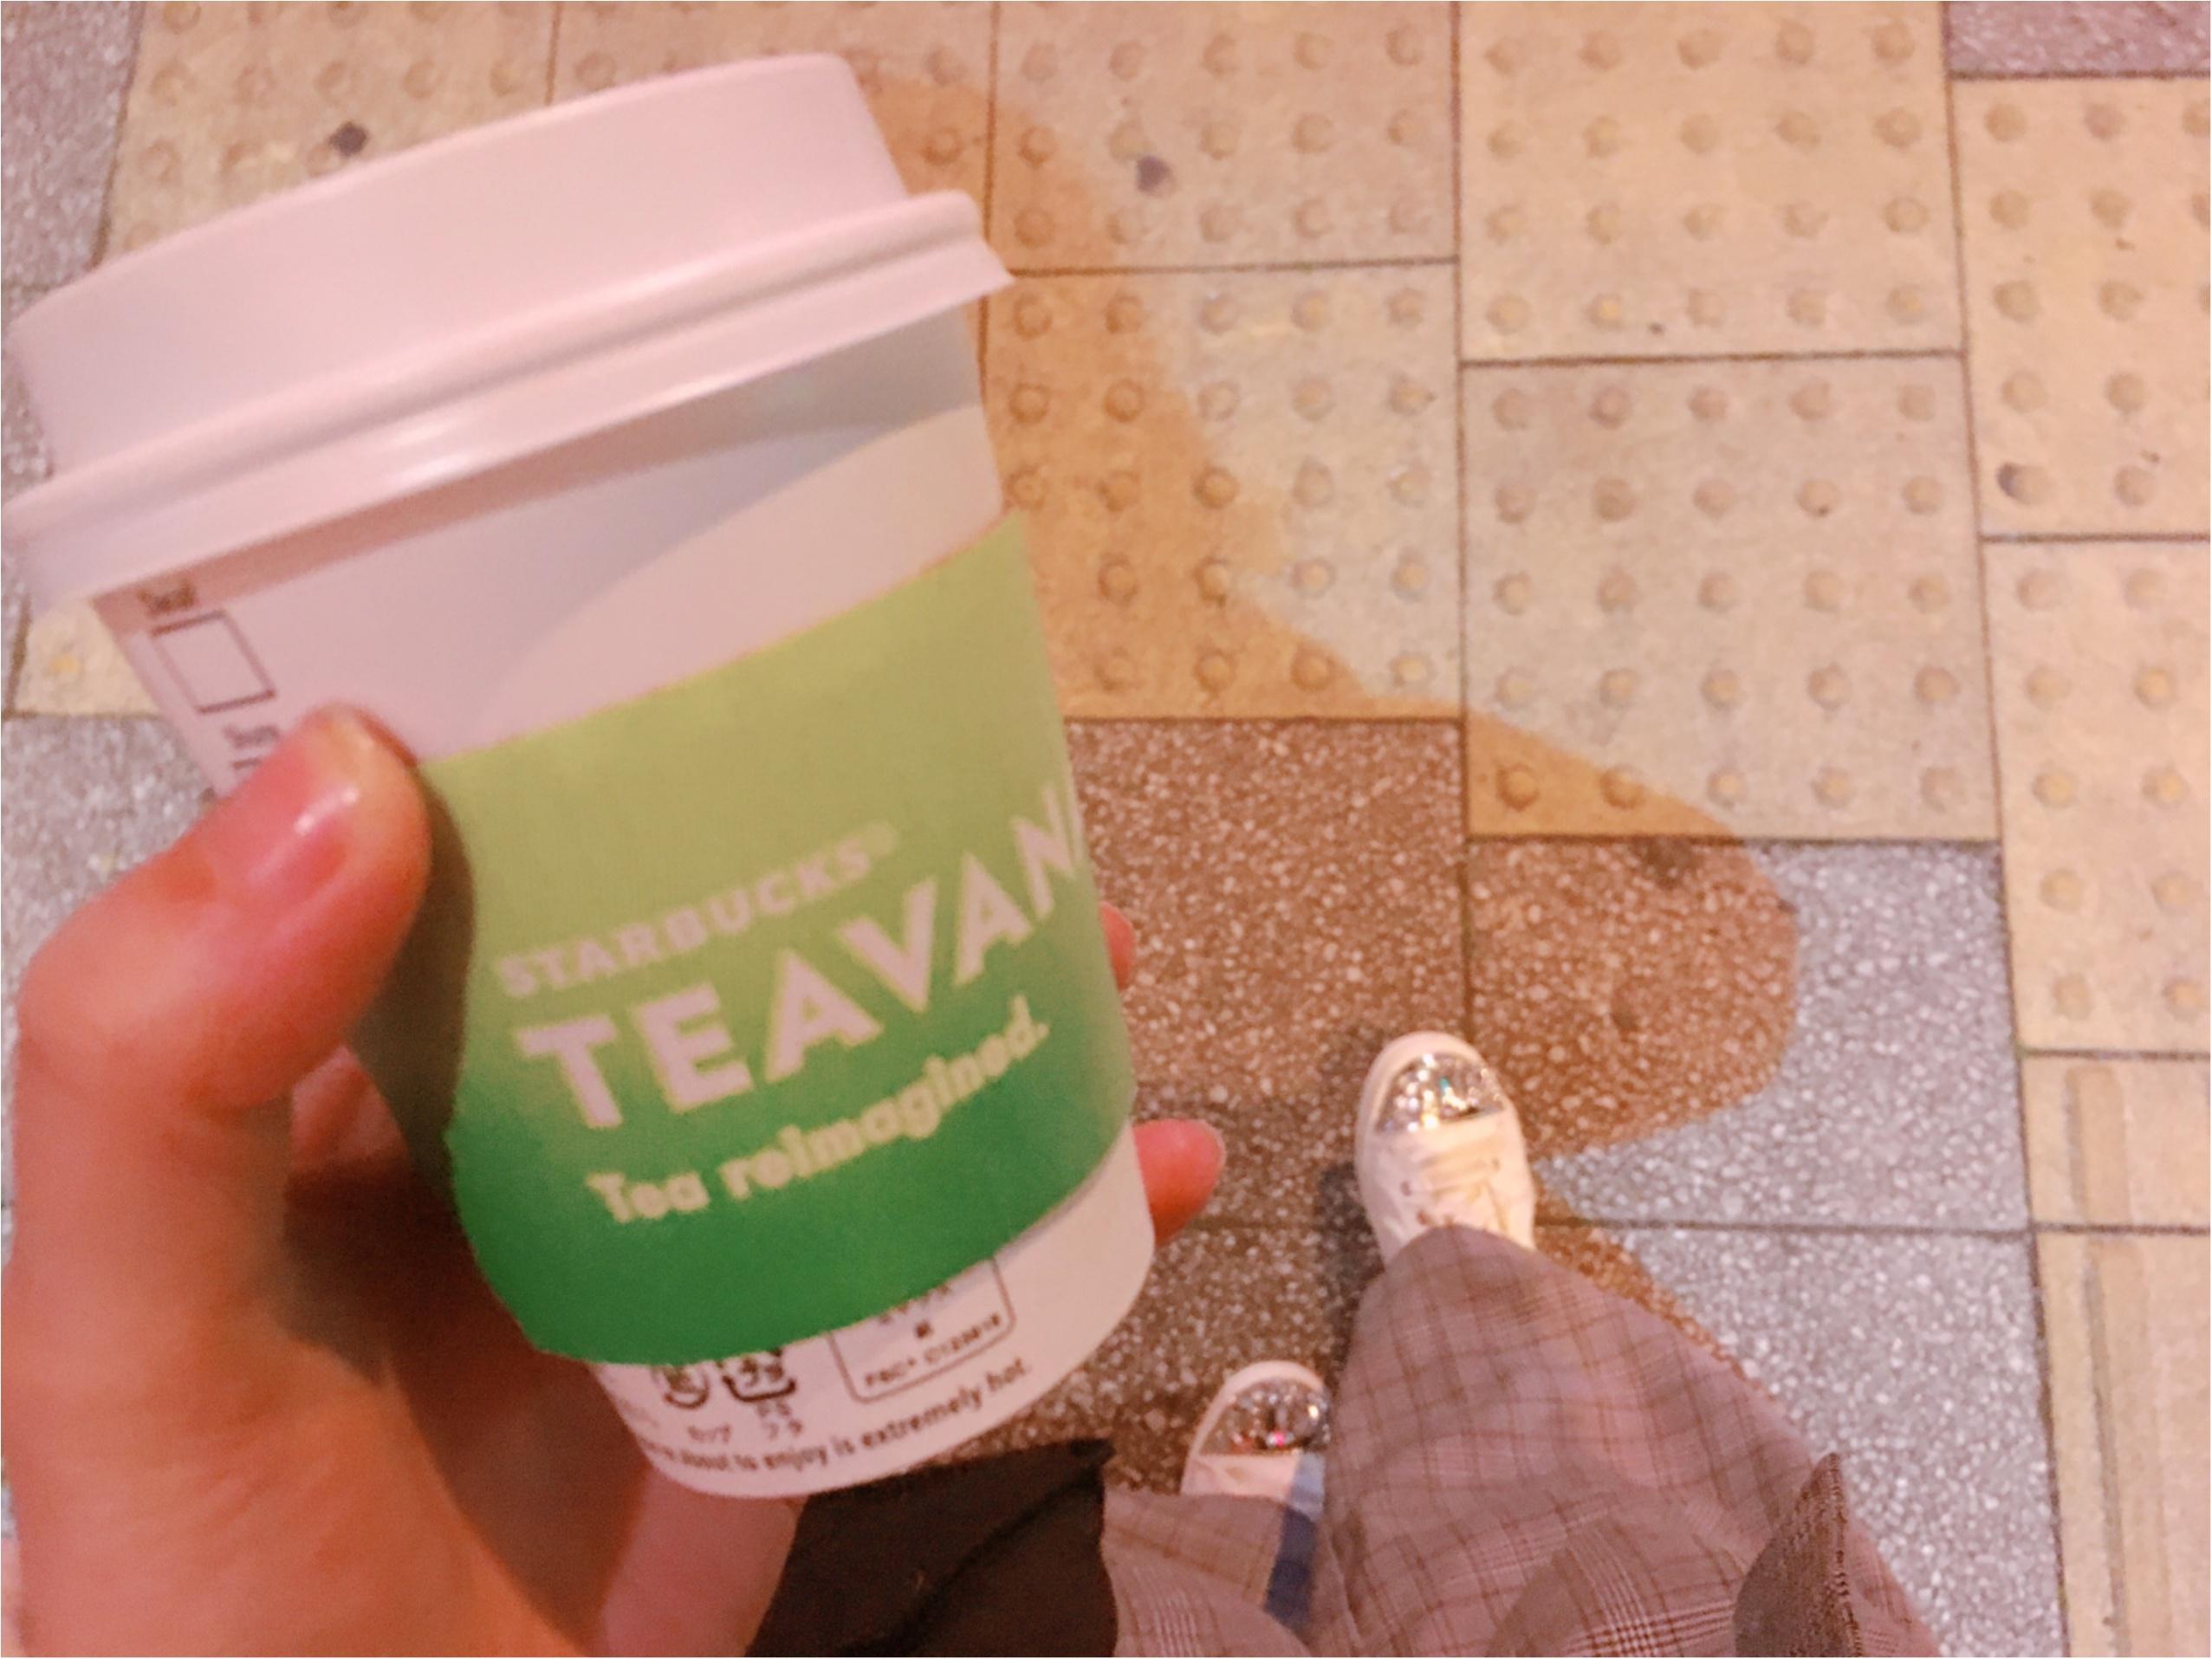 【スタバ】紅茶派さんにオススメ!ロイヤルミルクティー風0円カスタム&TEAVANA新カードがかわいい♡_1